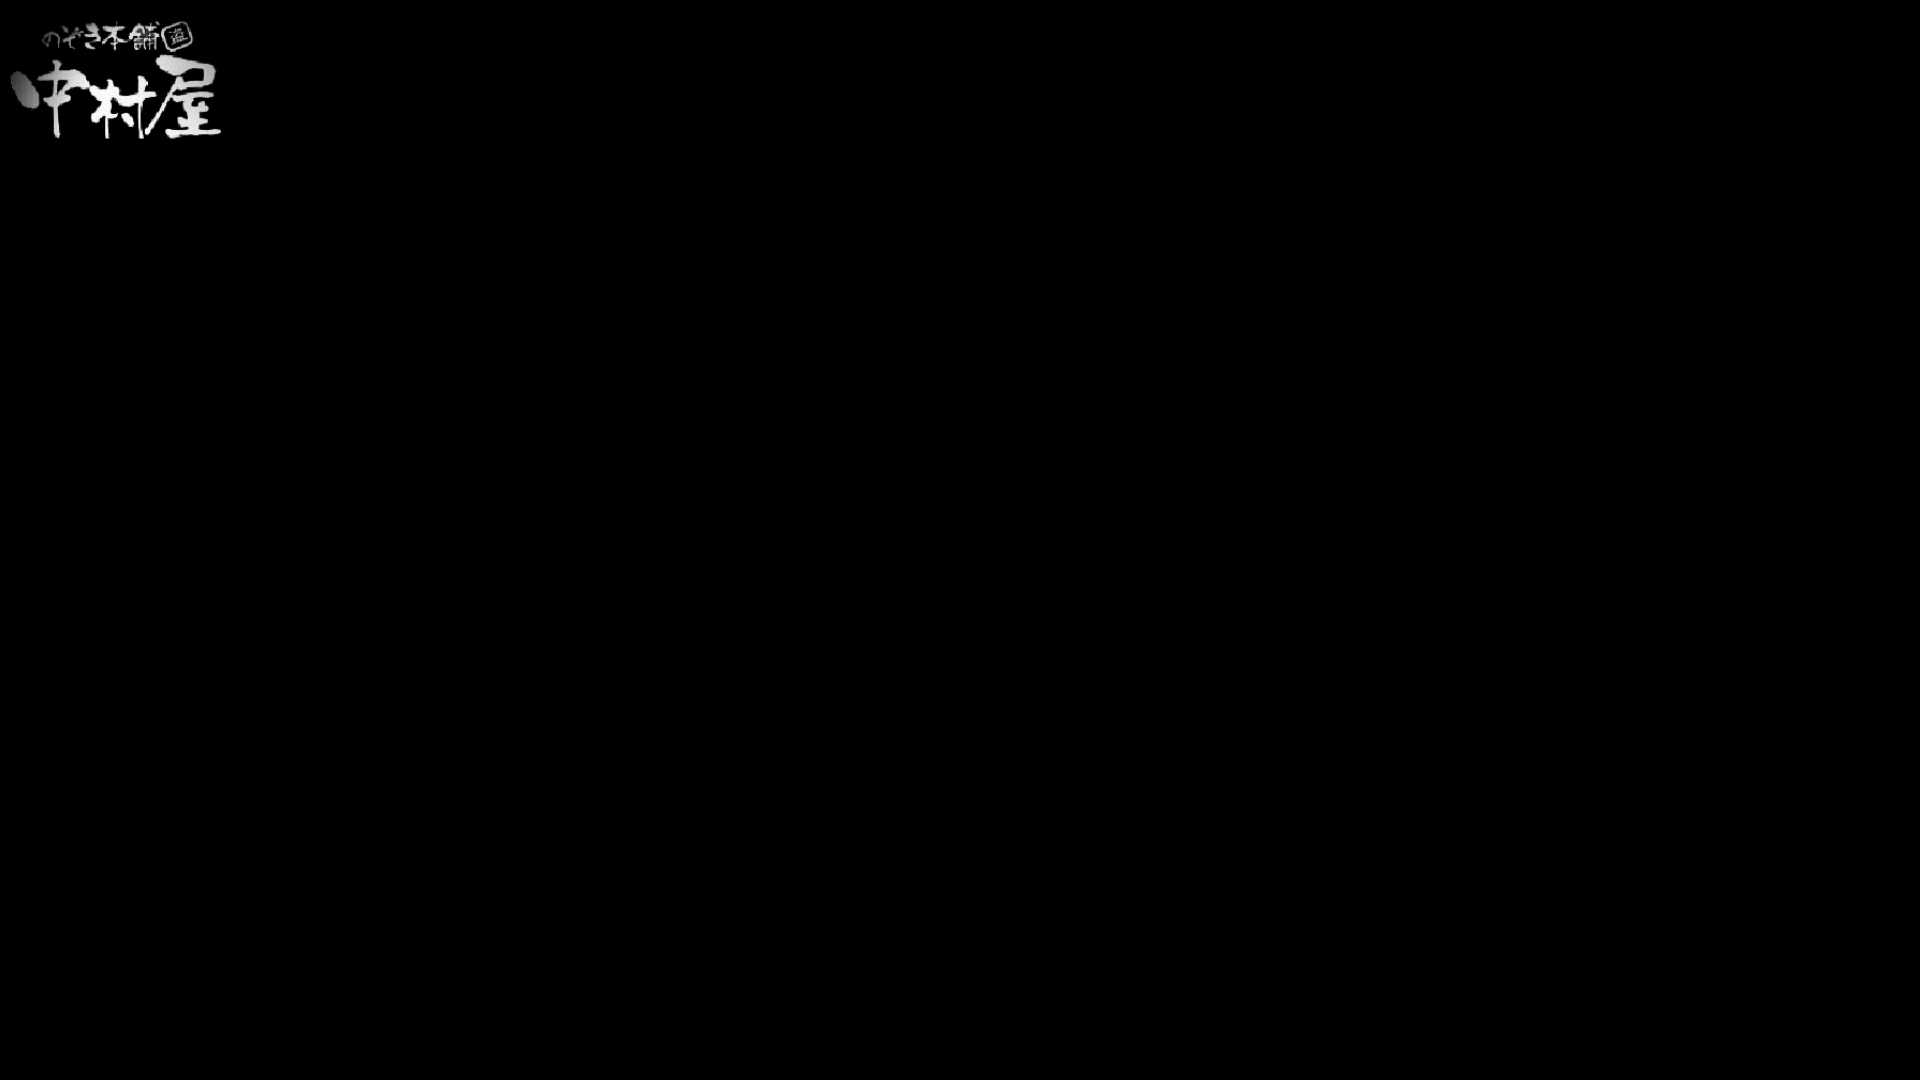 雅さんが厳選新年特別コンテンツ!激走!東京マラソン選手専用女子トイレvol.9 和式 | トイレ  57PICs 13